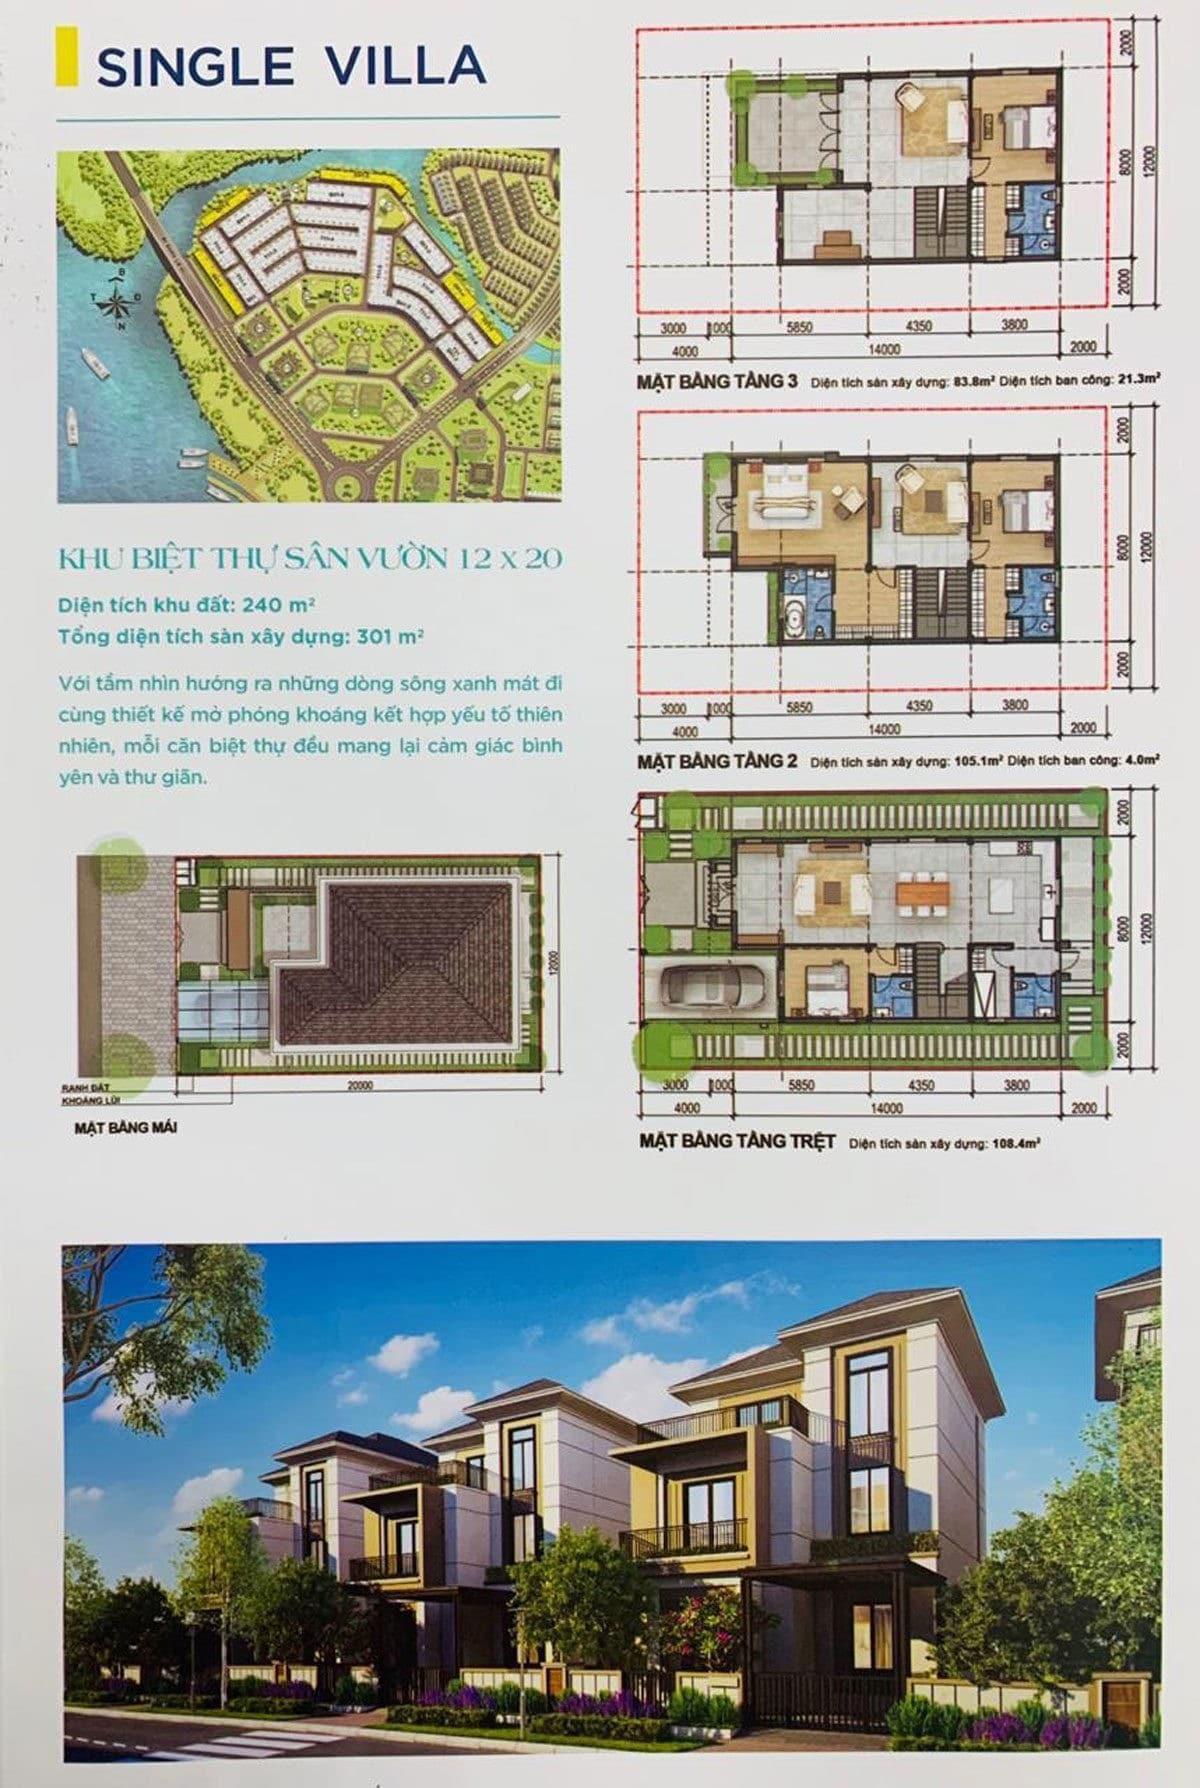 thiet ke khu single villa du an aqua city - DỰ ÁN AQUA CITY NOVALAND BIÊN HÒA ĐỒNG NAI